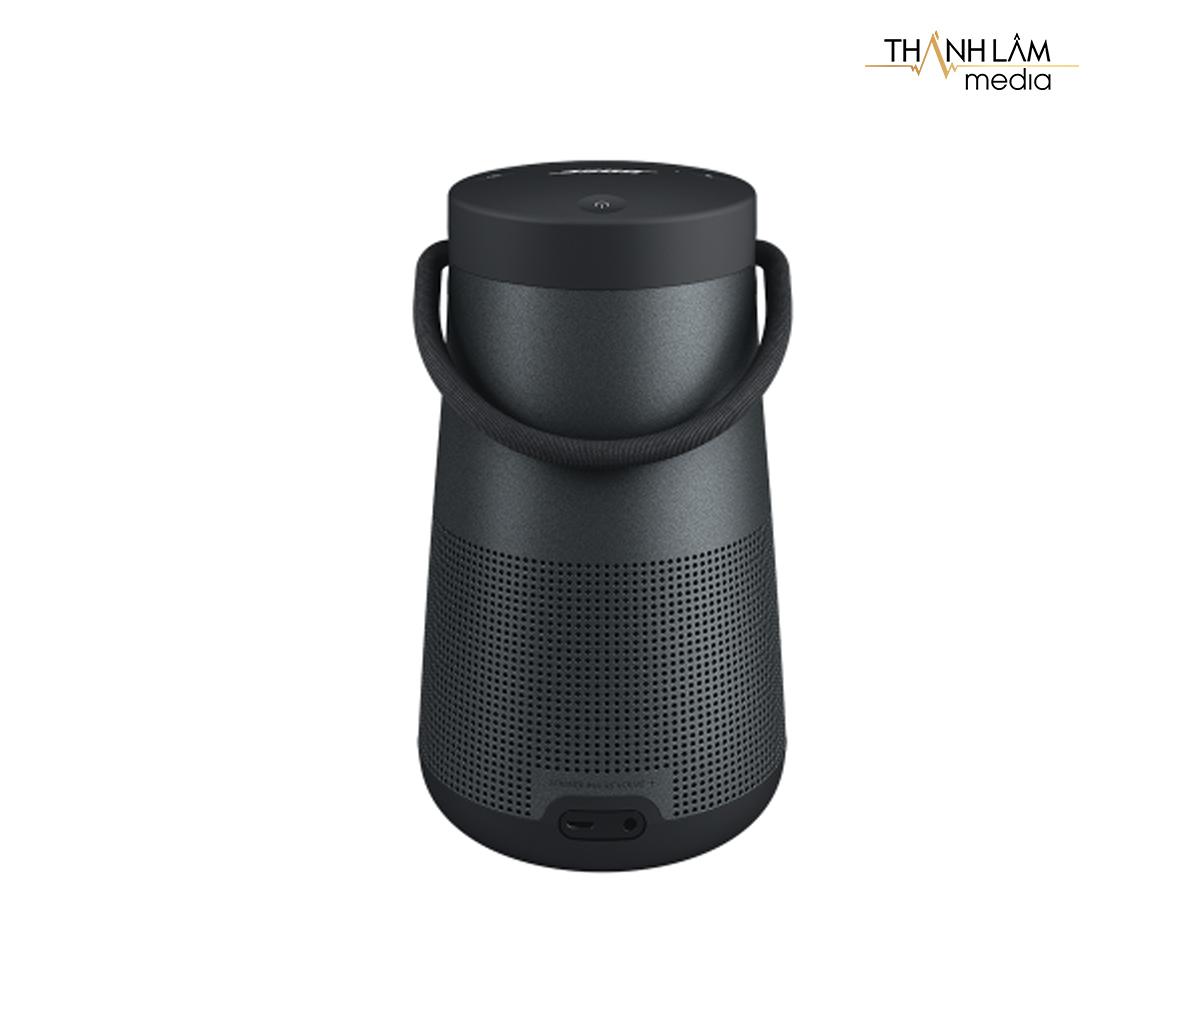 Loa-Bose-SoundLink-Revolve-Plus-Den-2